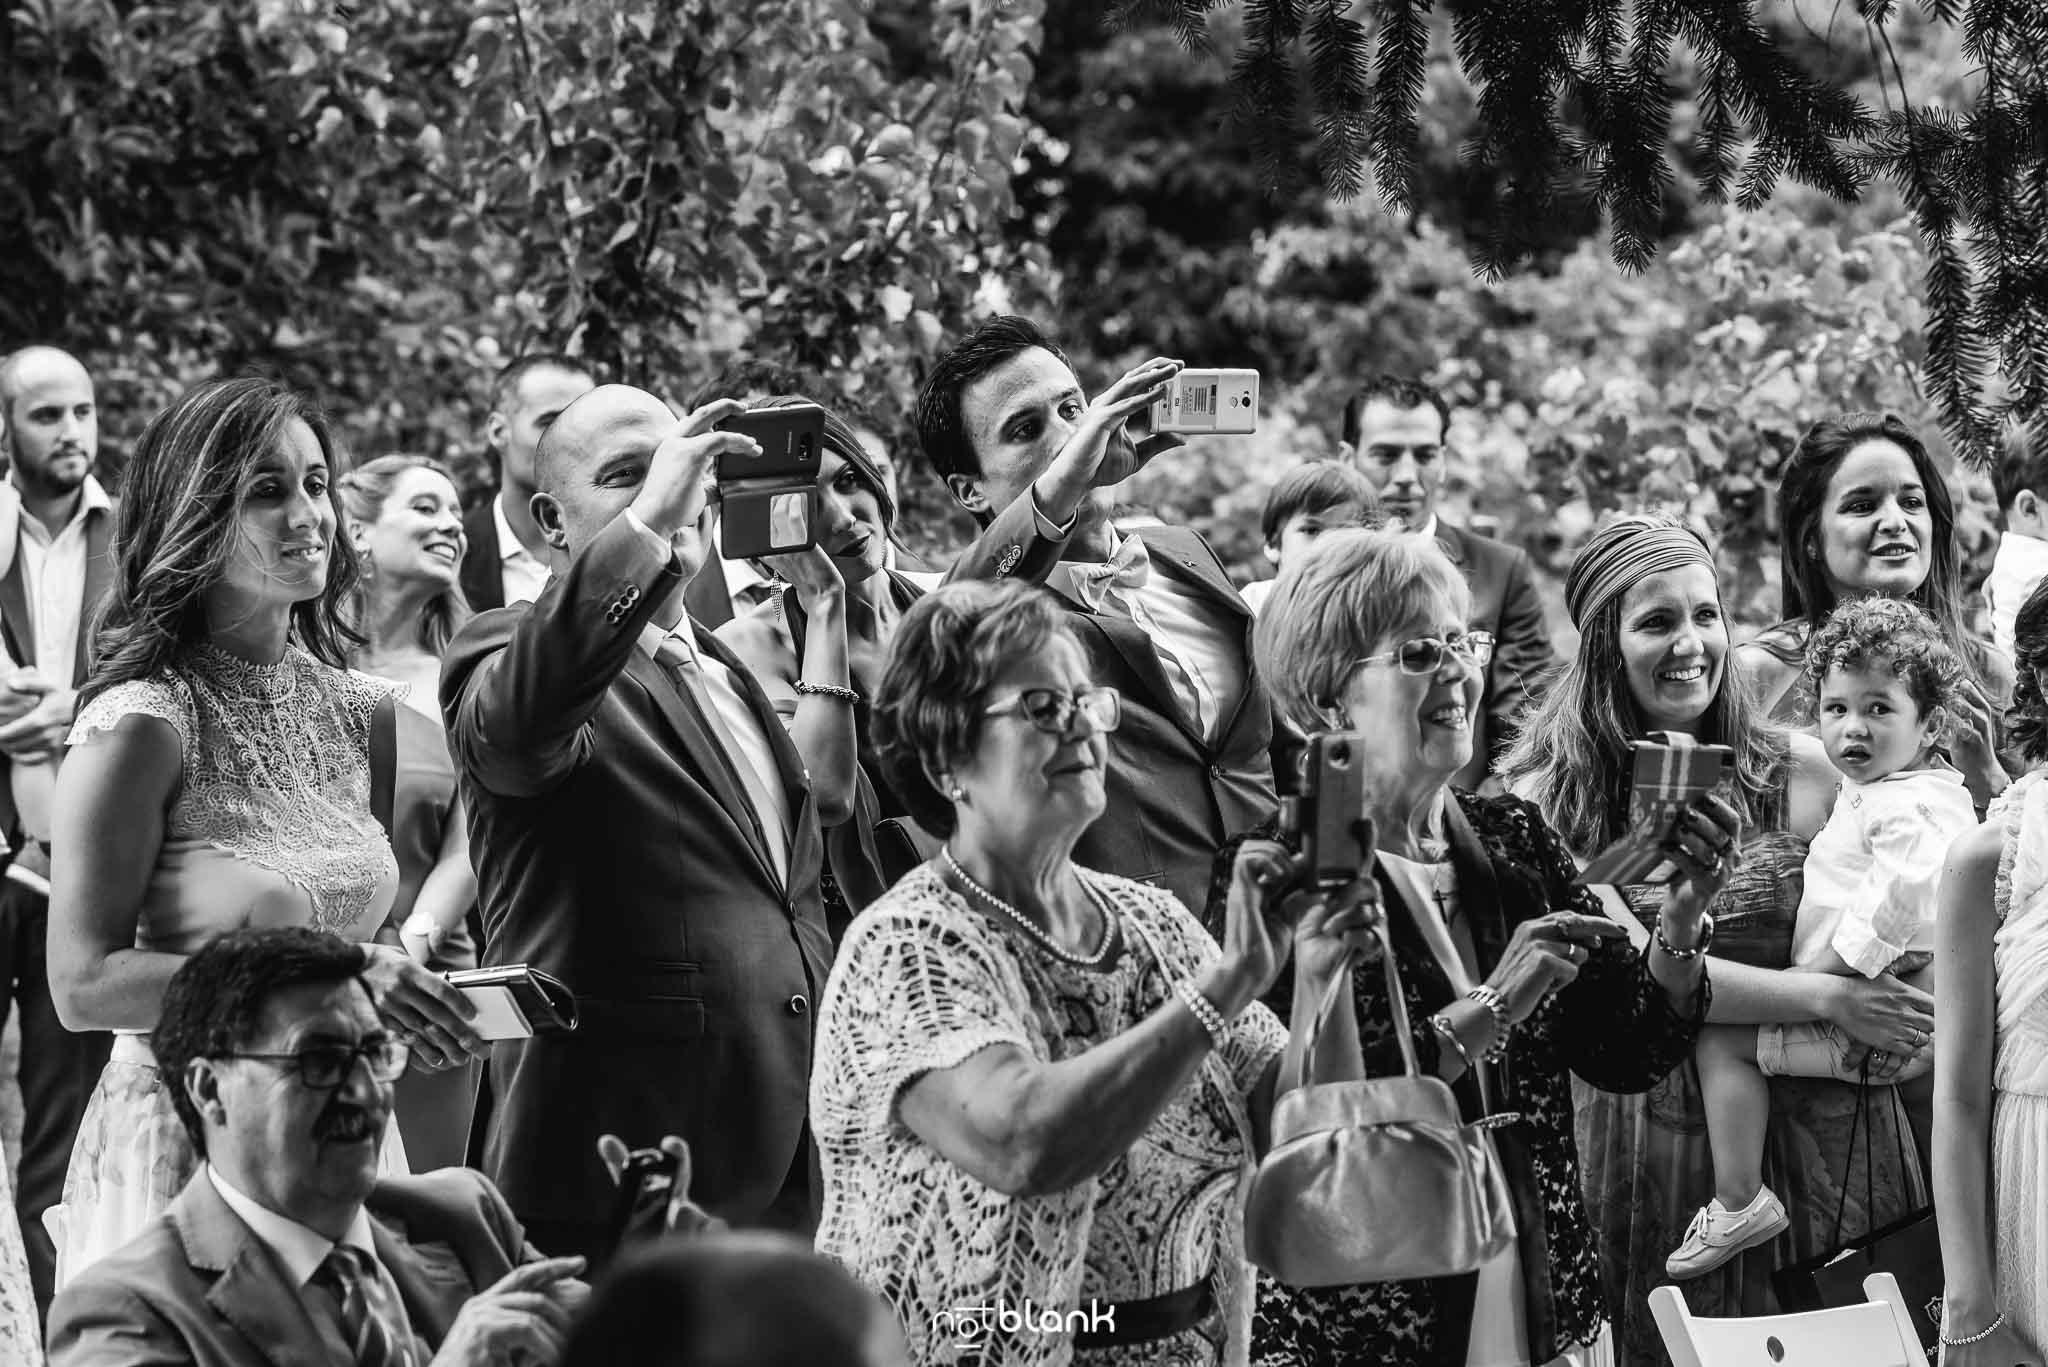 Boda En El Jardin De Casa Jana y Fran - Los invitados hacen fotos con sus telefonos moviles - Notblank Fotografos de boda